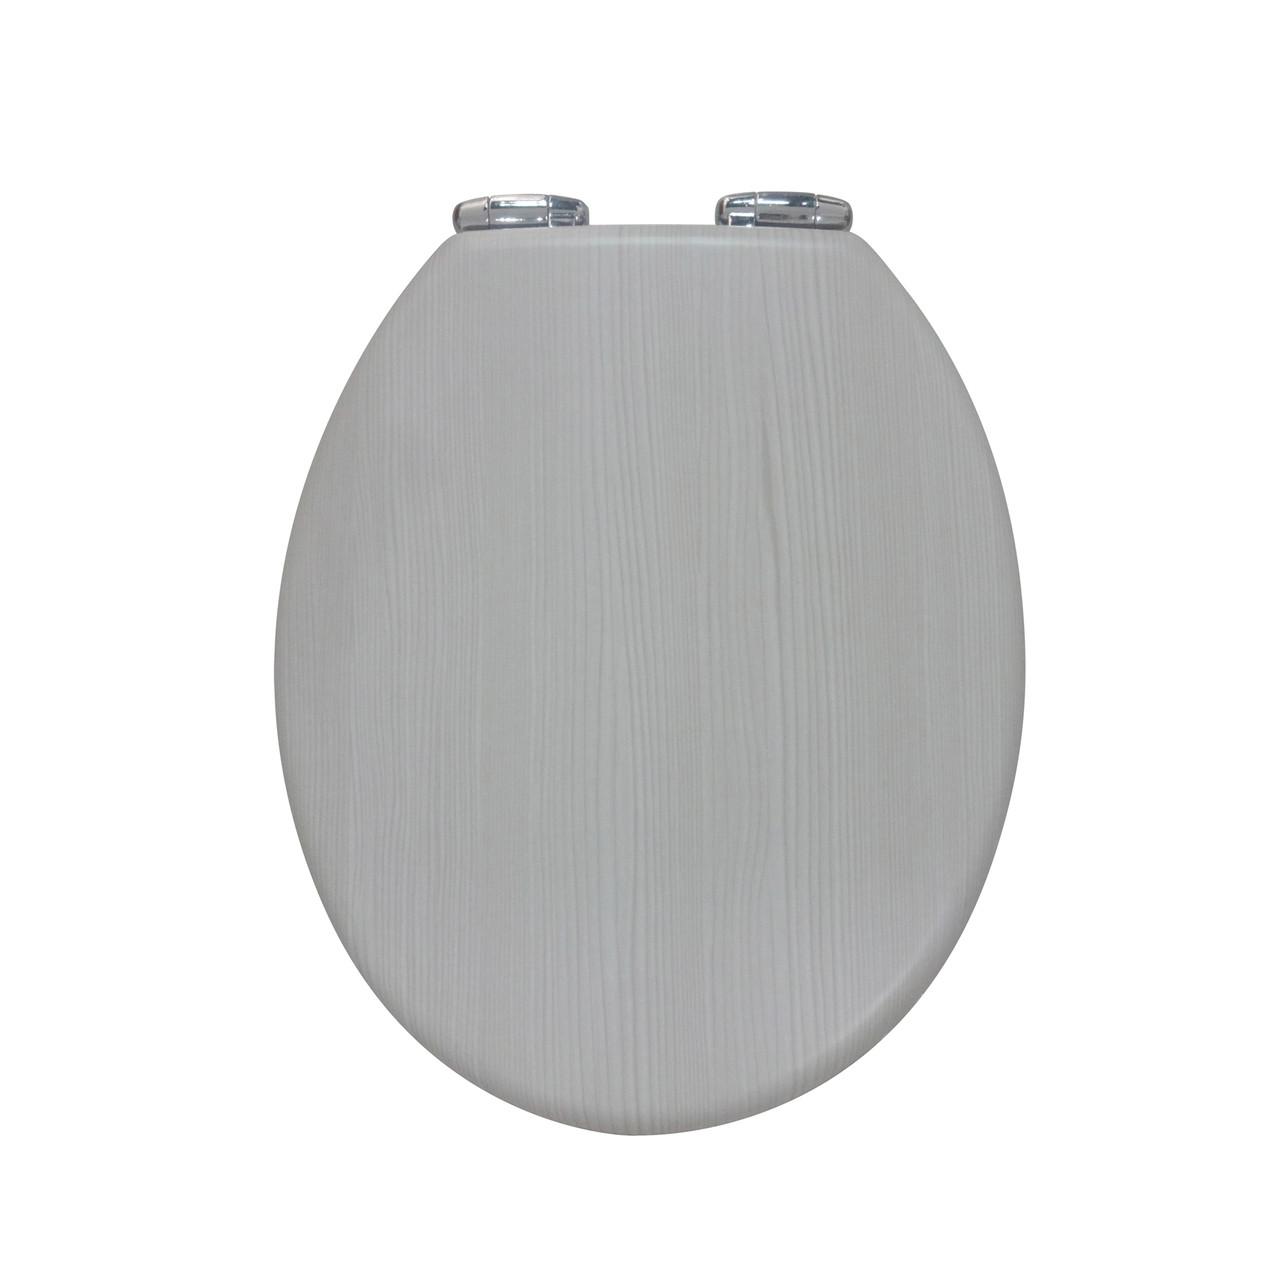 Крышка для унитаза под дерево серая с микролифтом Dab Rijeka AWD02181066